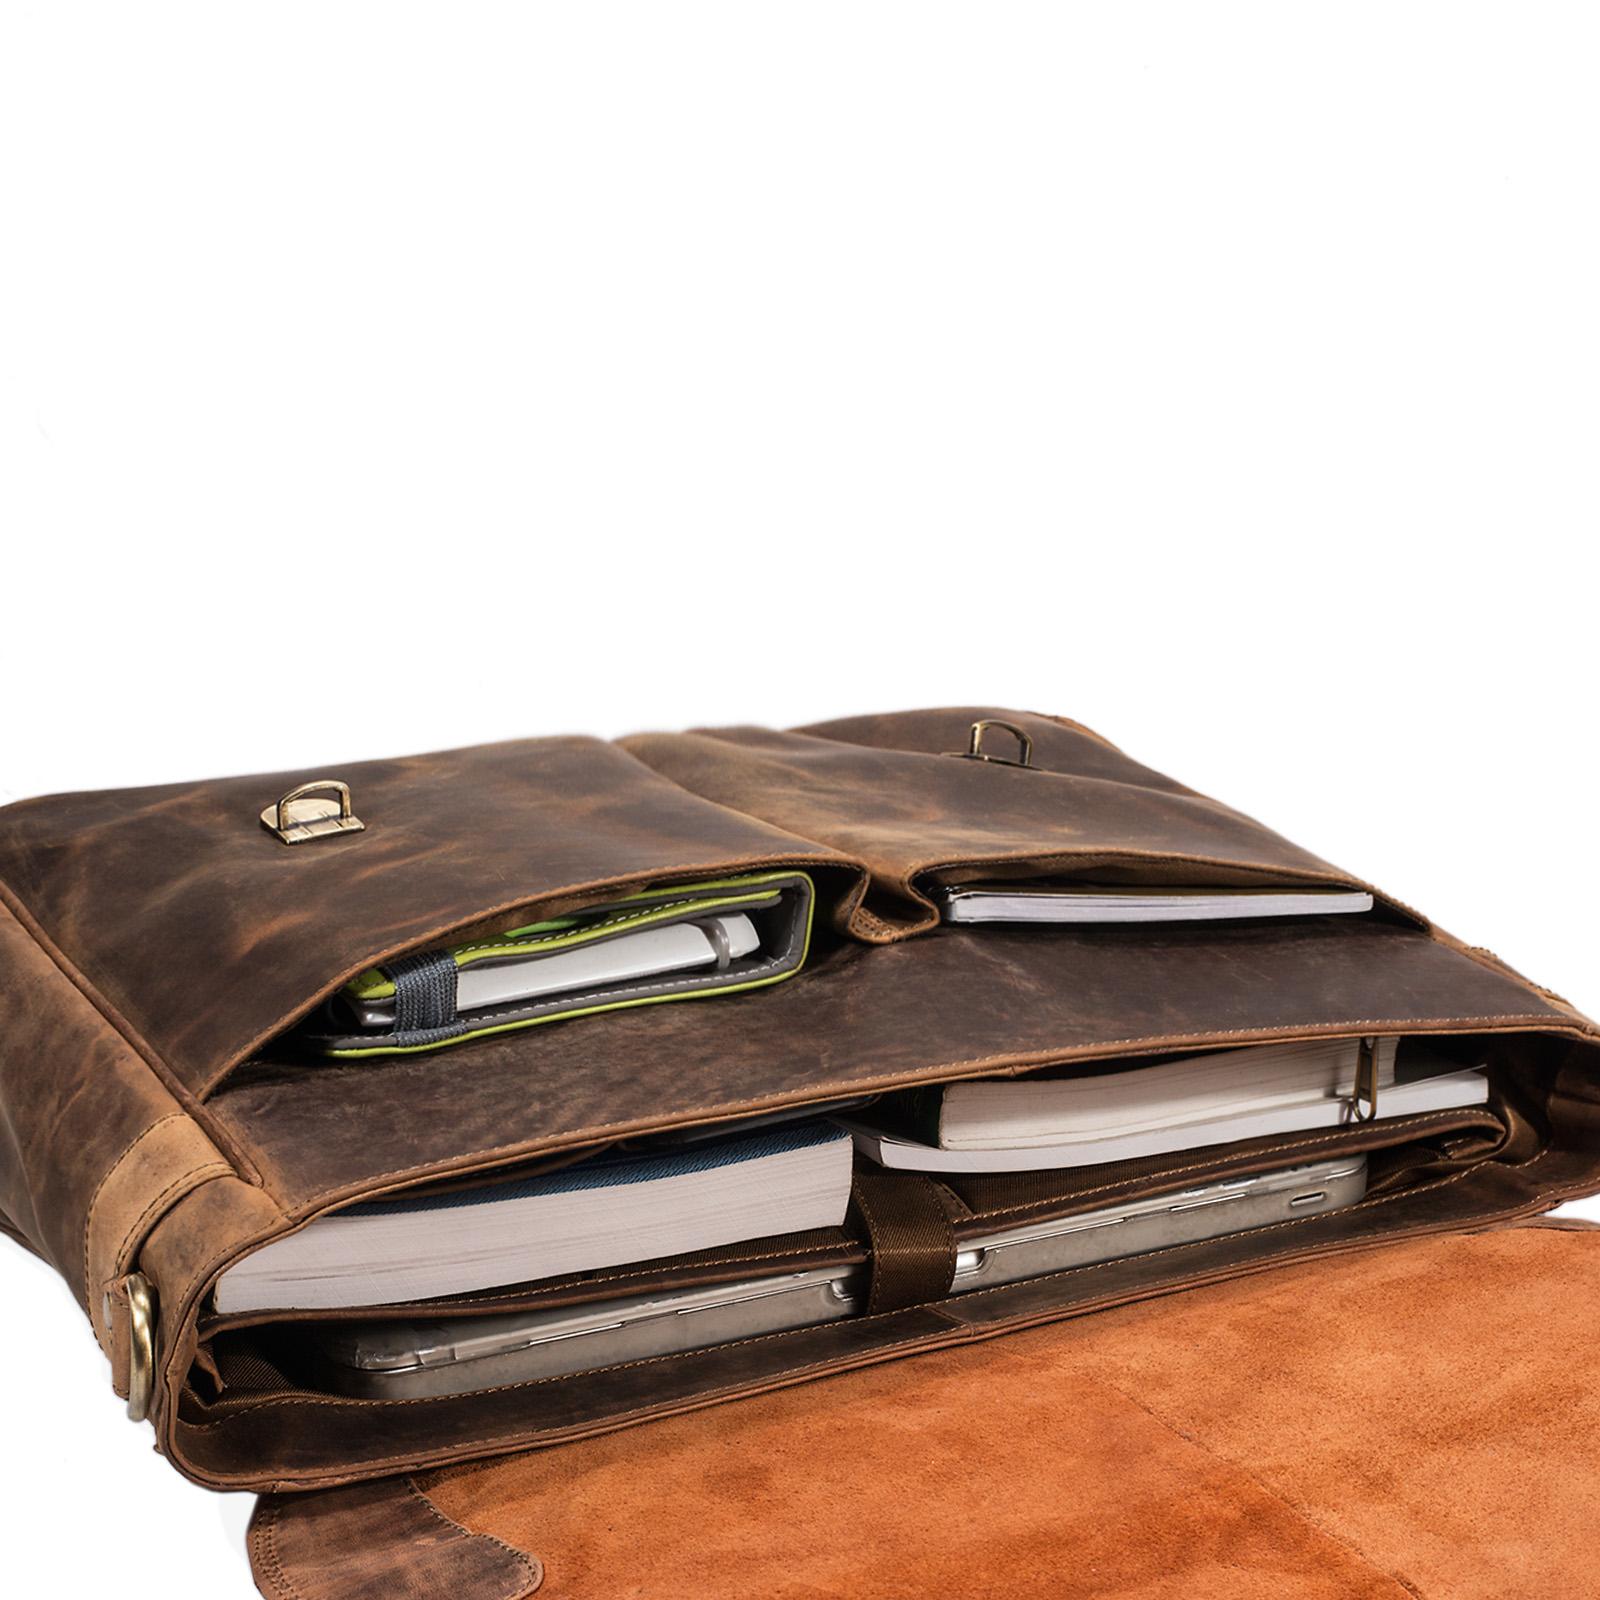 """STILORD """"Georg"""" Aktentasche Leder Vintage Dokumententasche Lehrertasche Business Büro für große Aktenordner 15,6 Zoll Laptopfach echtes Rindsleder - Bild 6"""